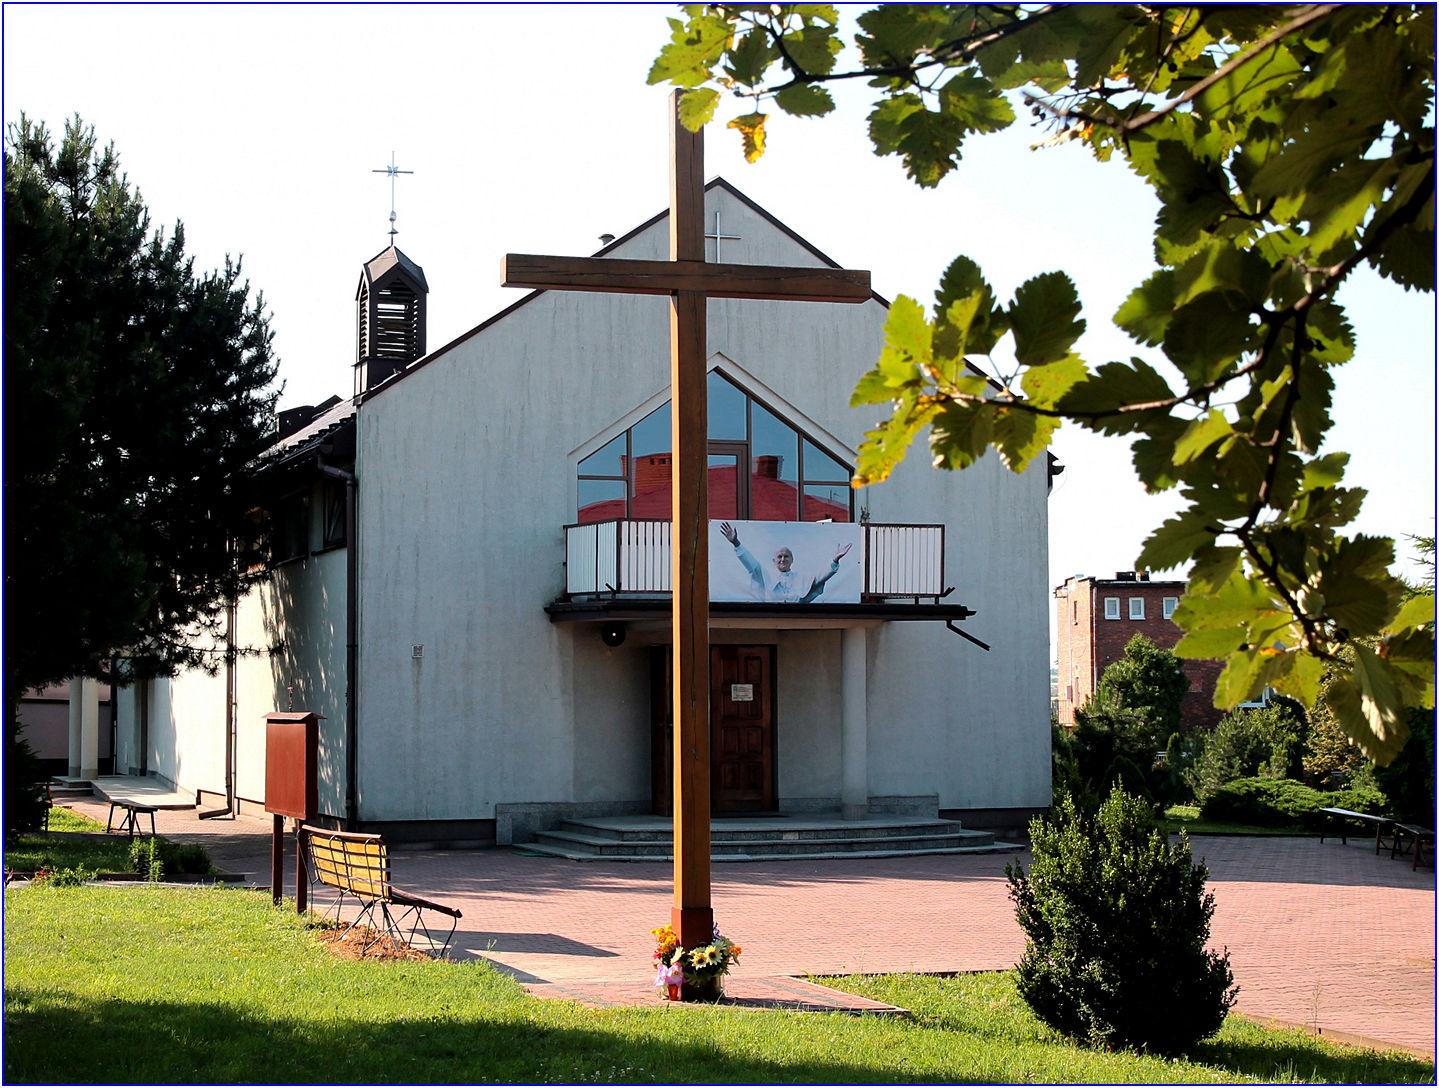 Kościół pw. Miłosierdzia Bożego w Kazimierzy Wielkiej